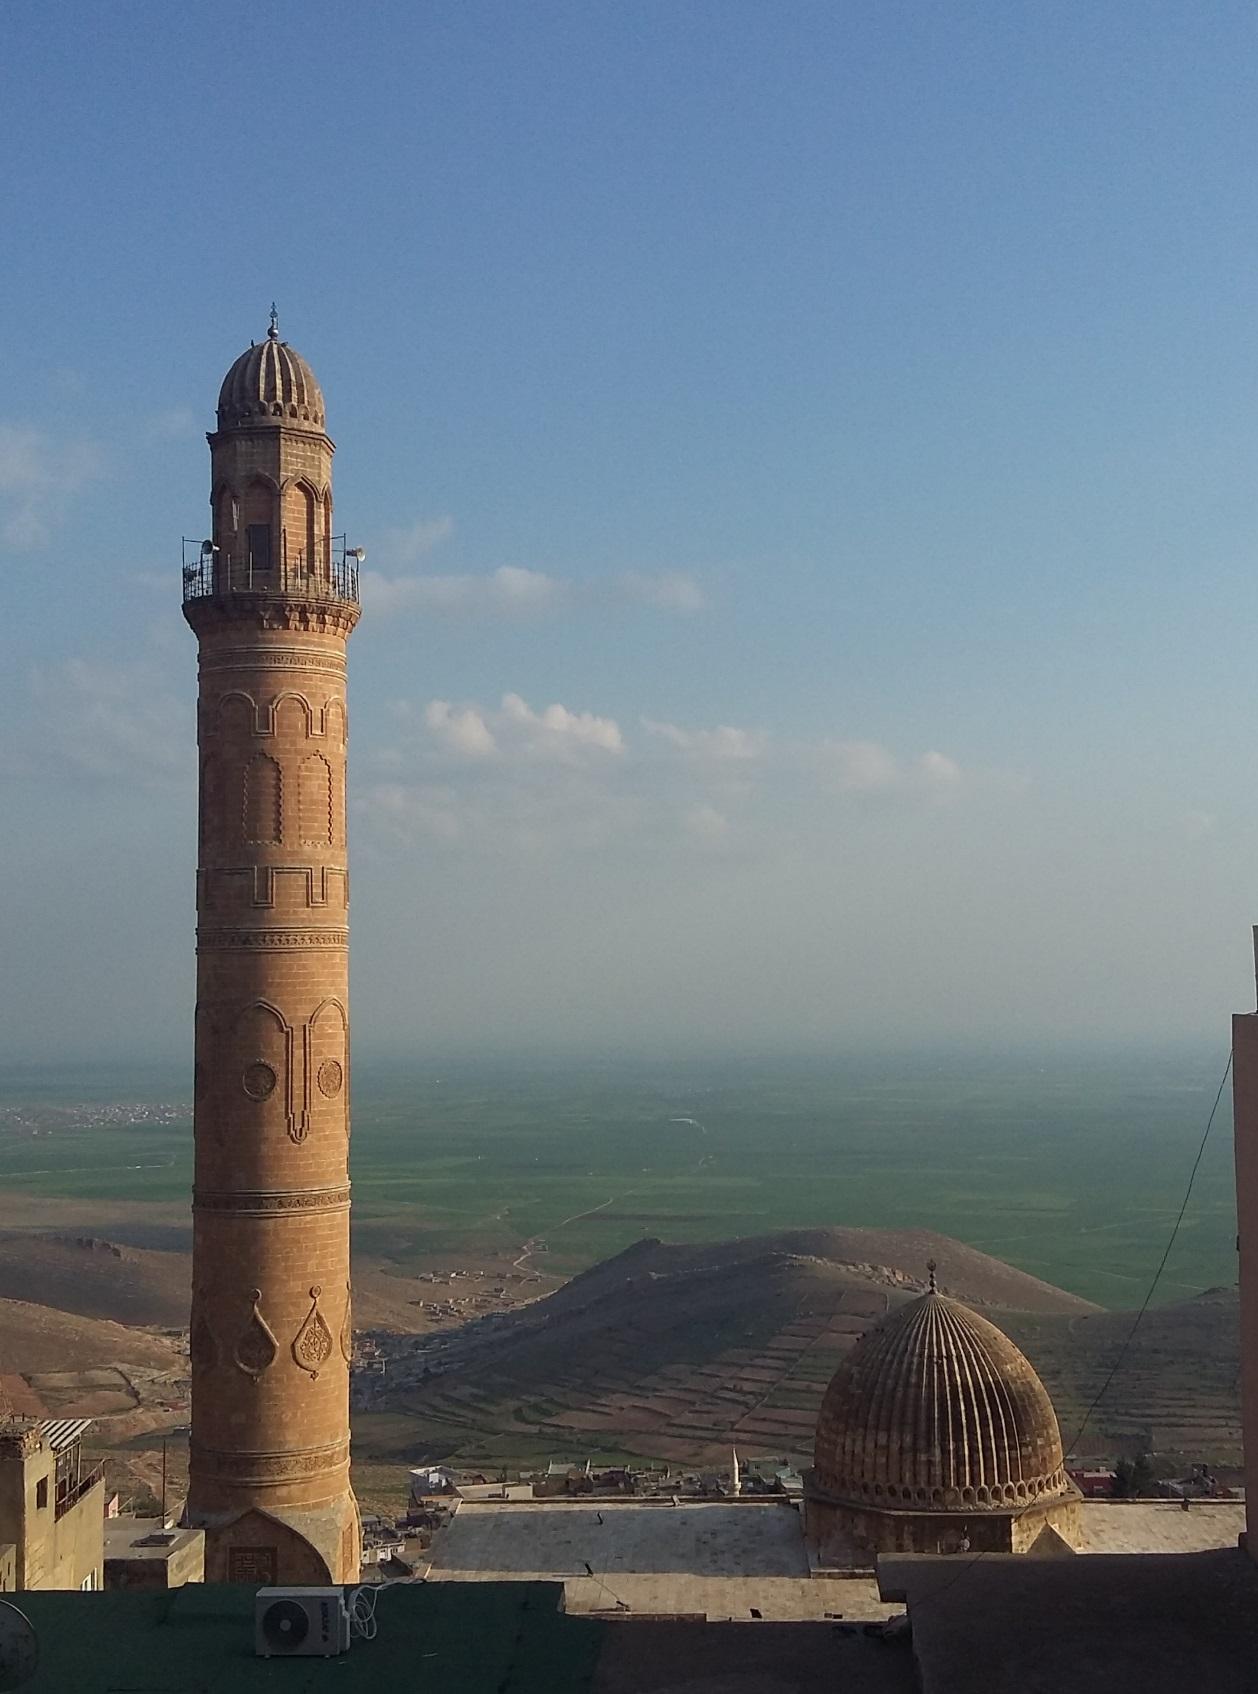 Mardinde 24 saatte gezilecek yerler